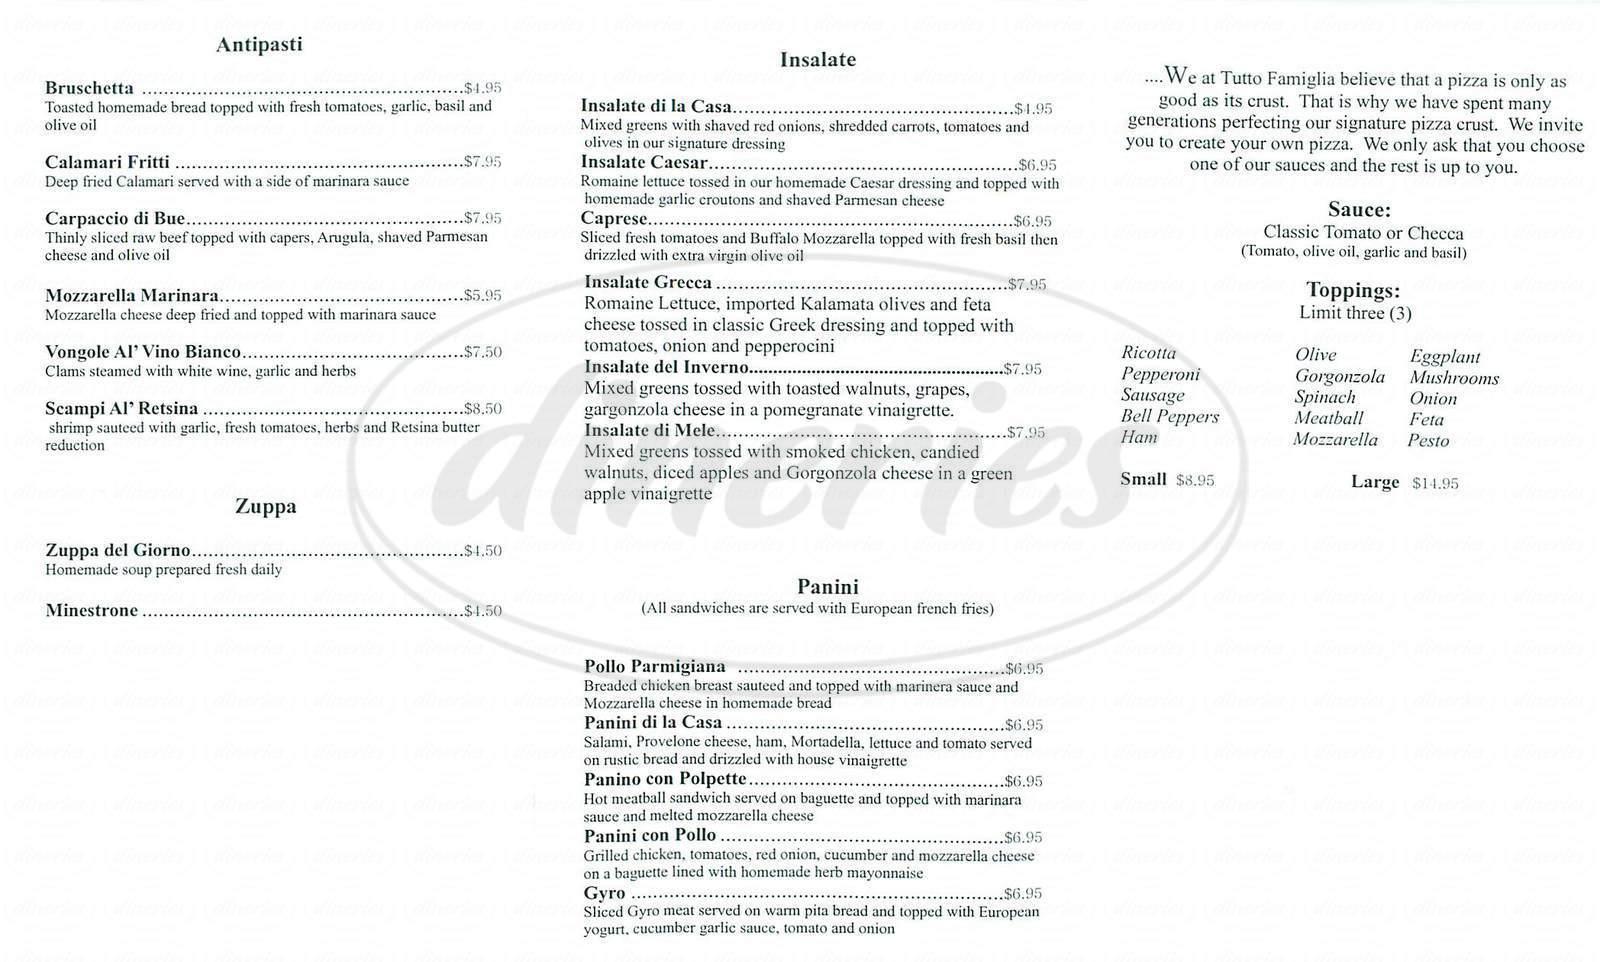 menu for Tutto Famiglia